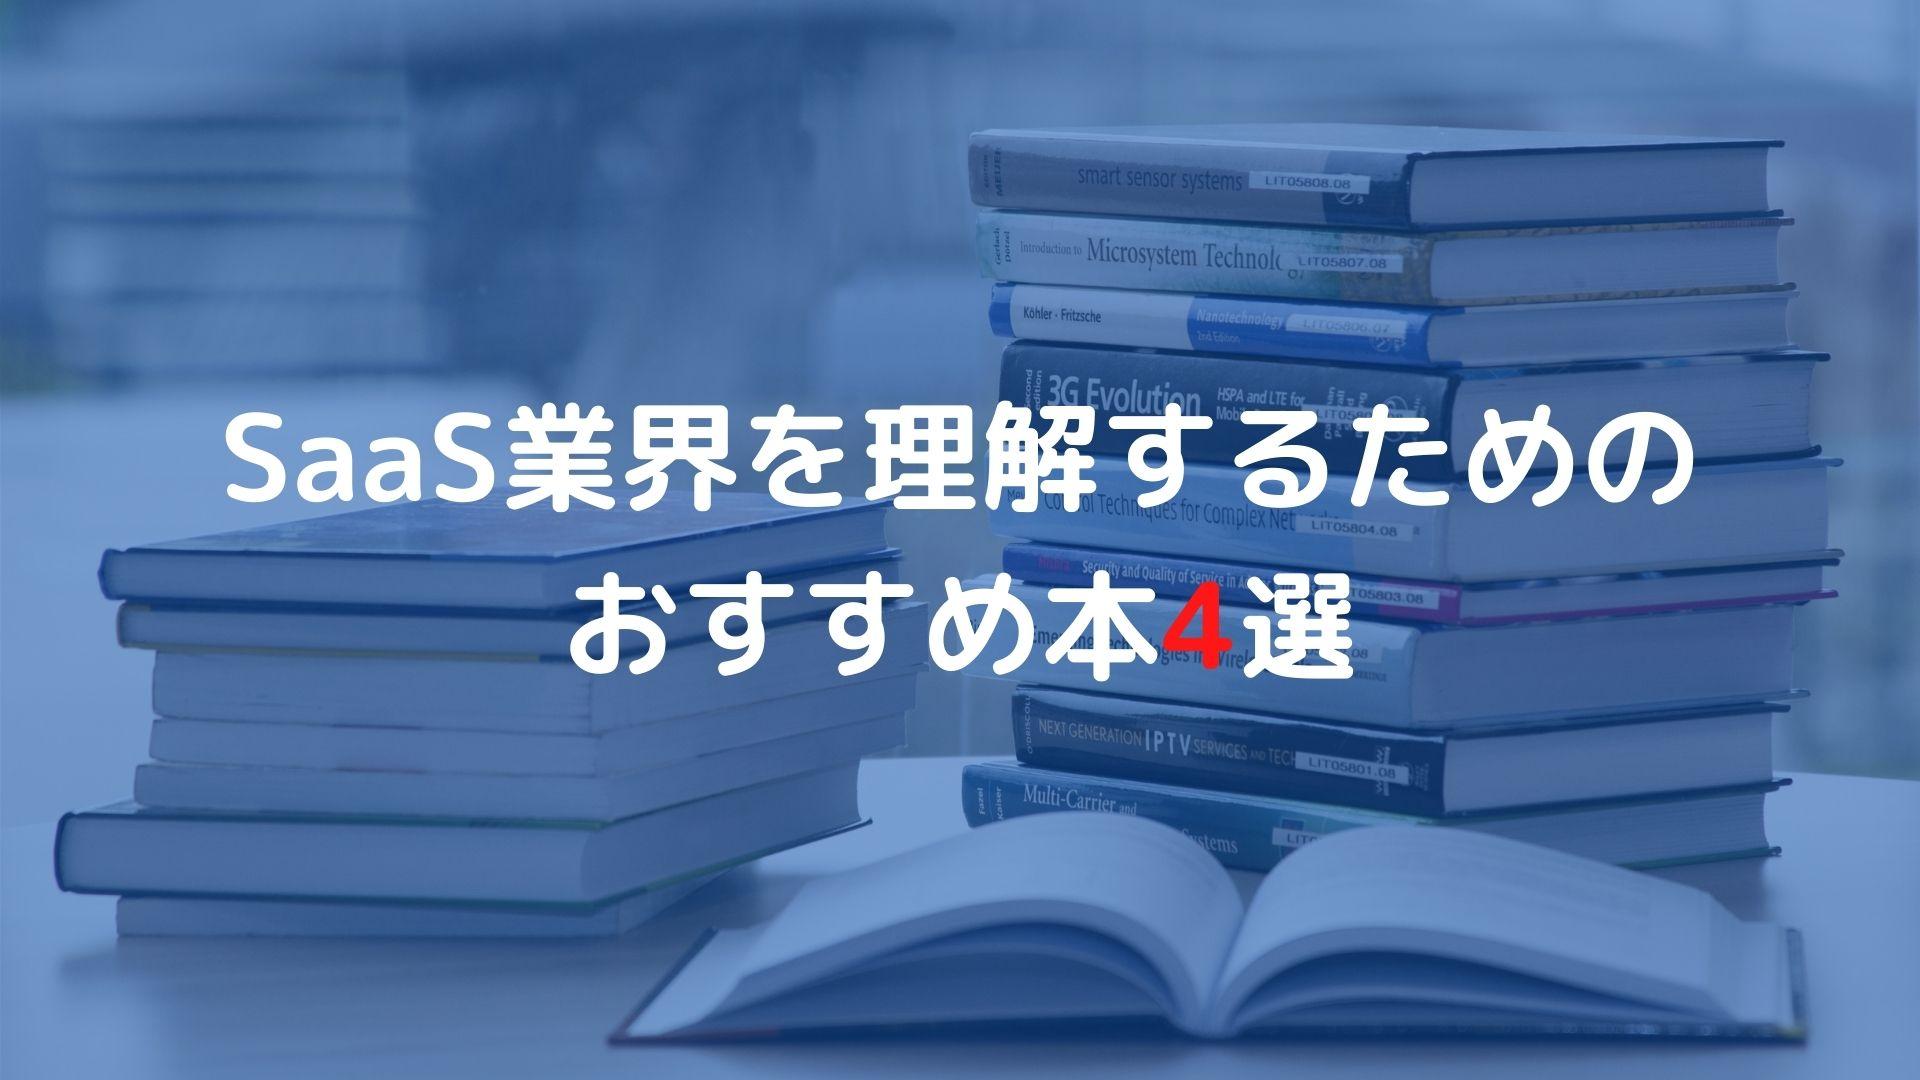 SaaSおすすめ本